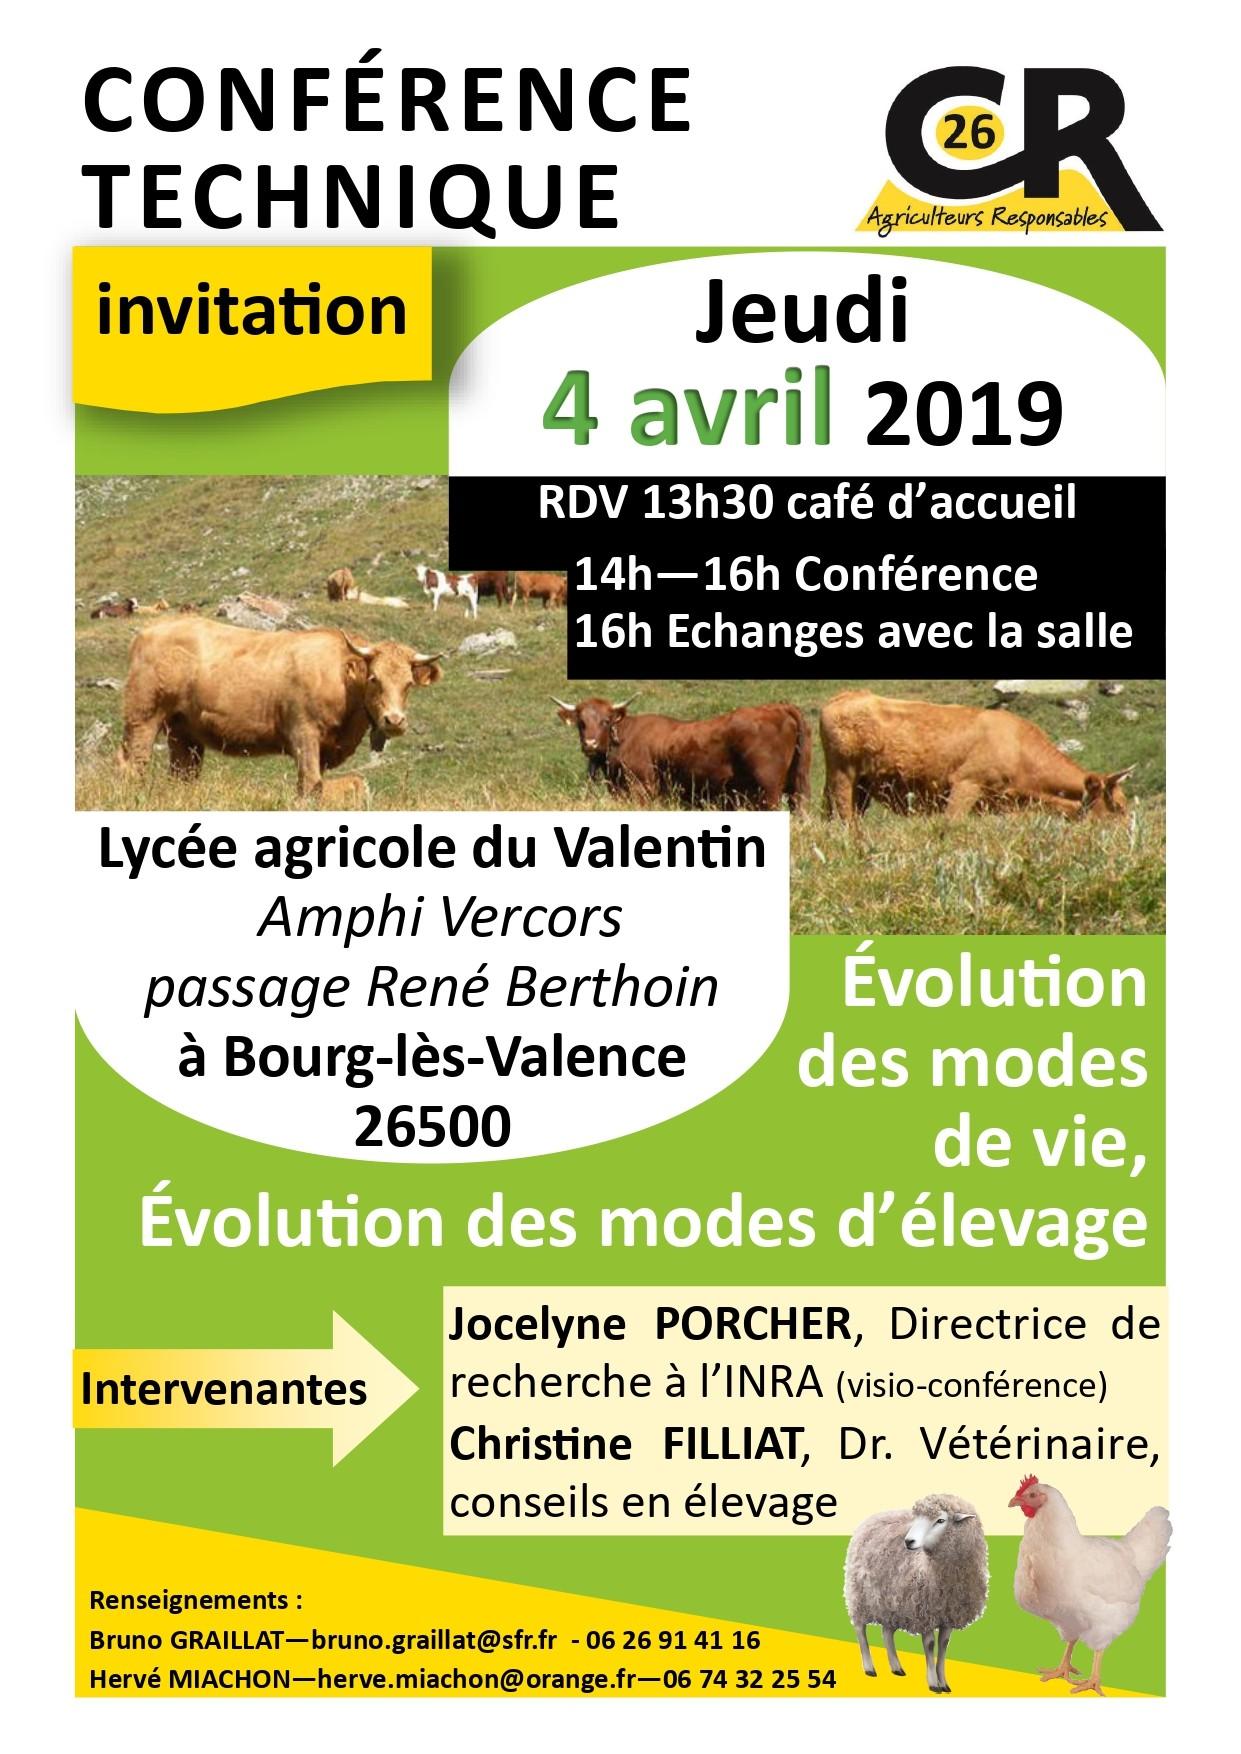 Flyer-conference-26-2019-elevage-jocelyne-porcher